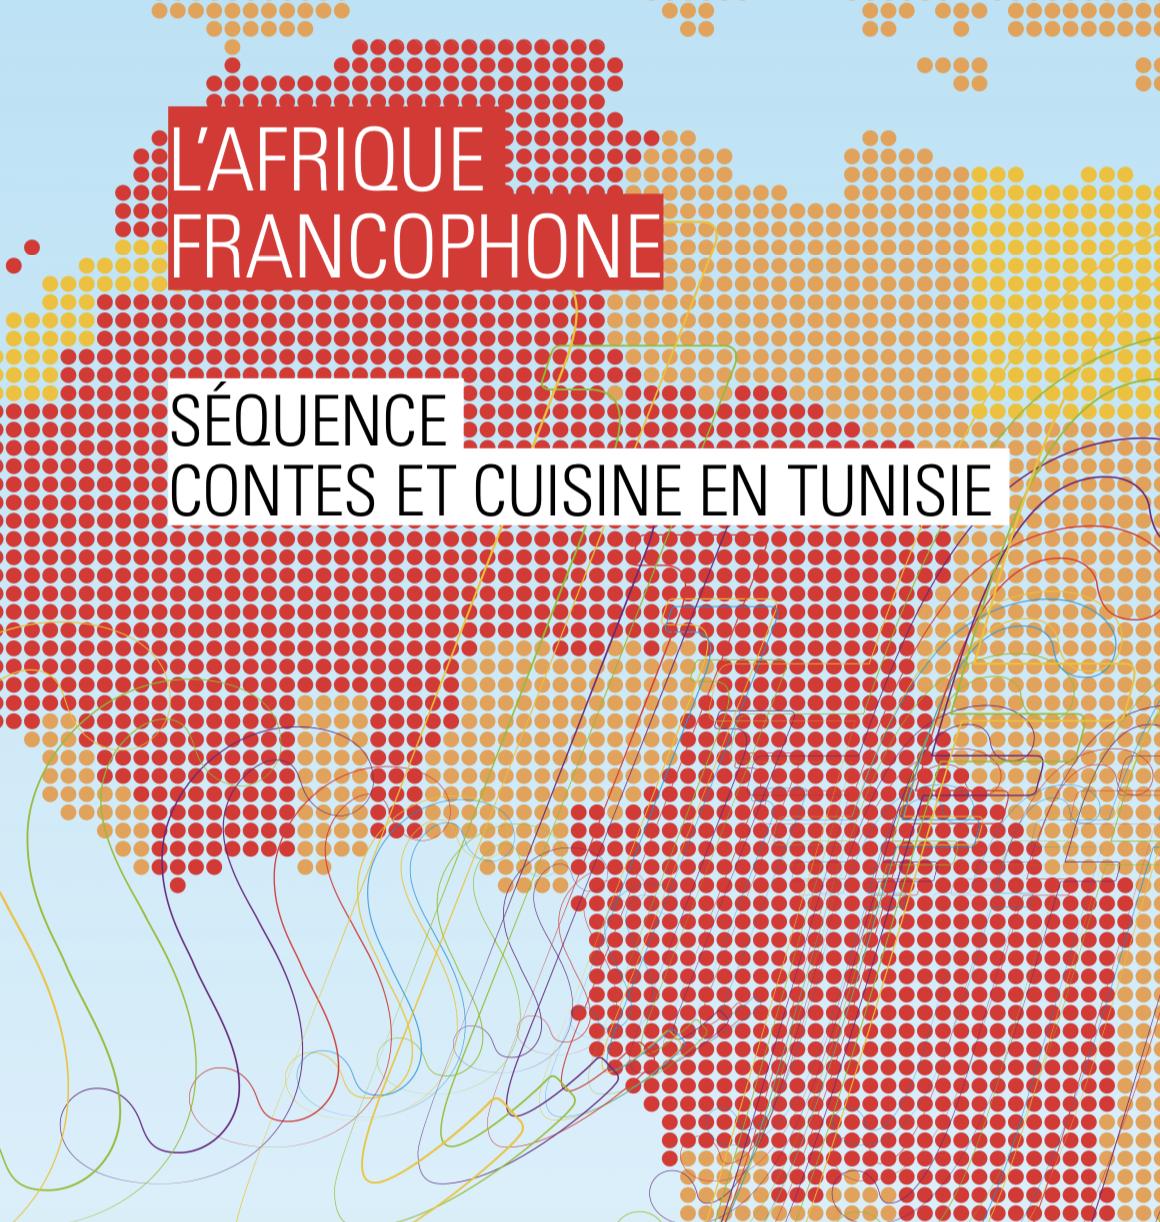 Preview image for LOM object L' Afrique francophone: Séquence contes et cuisine en Tunisie